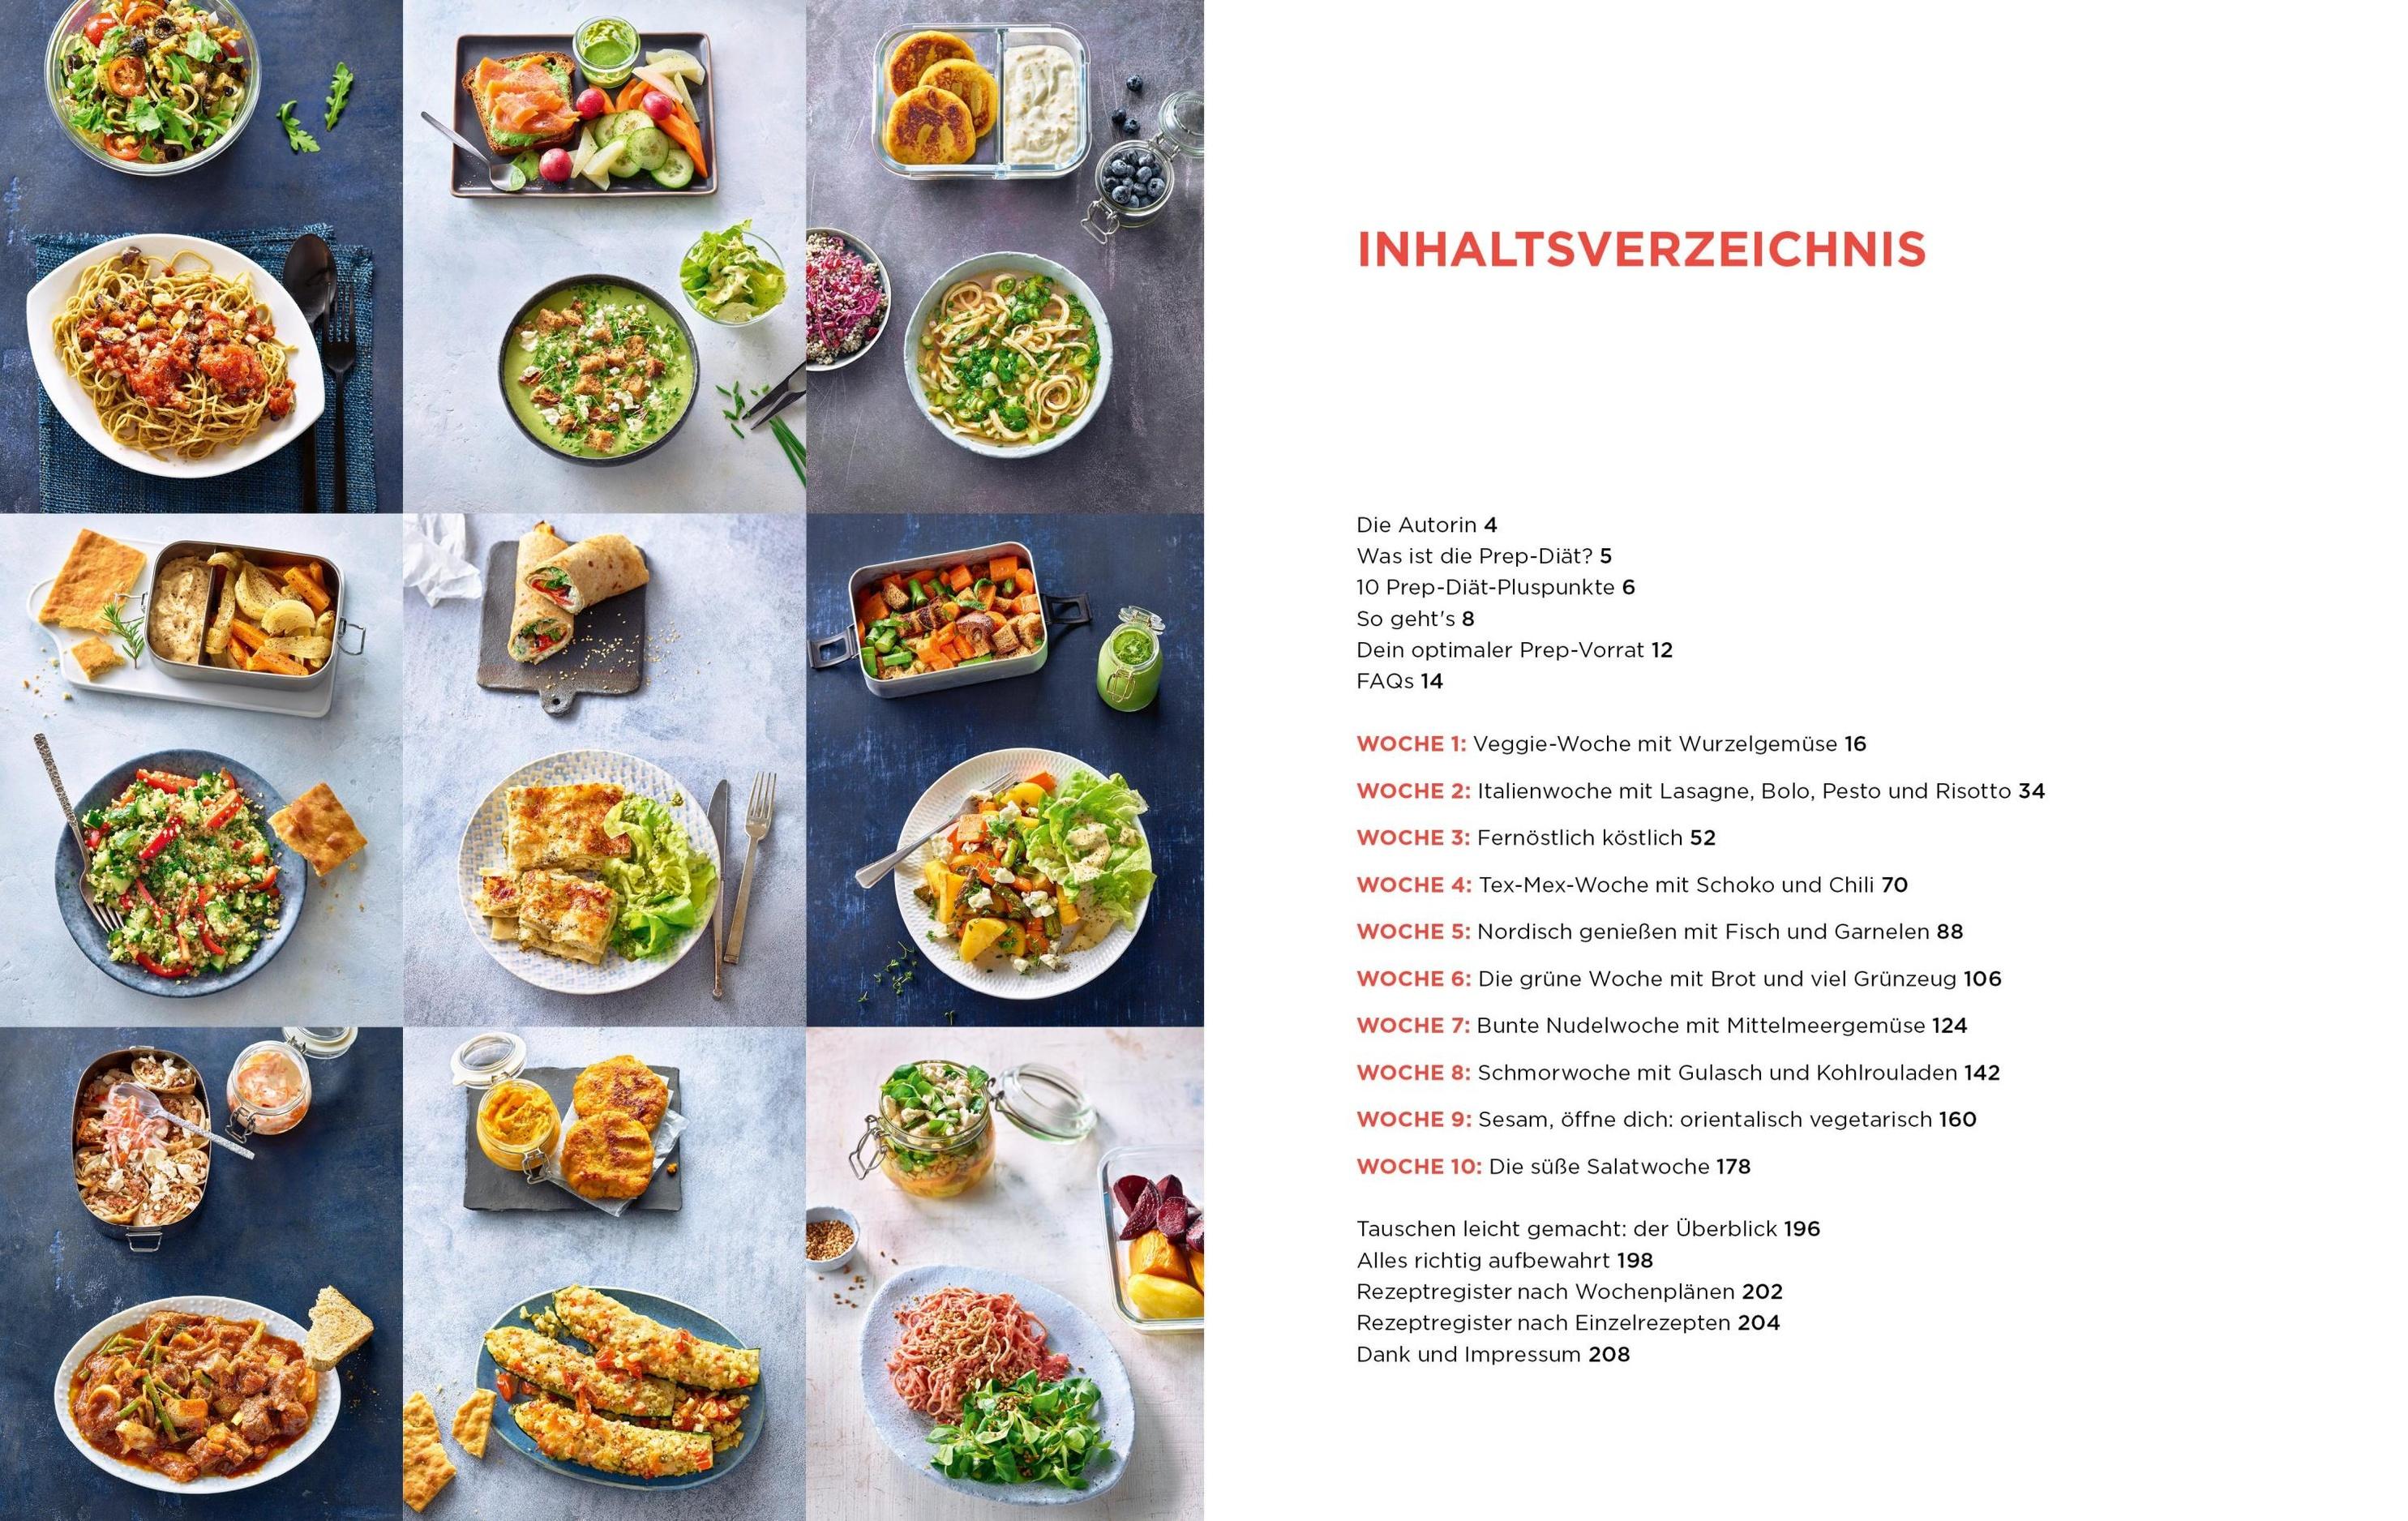 Cardapio-Diät mit hohem Cholesterinspiegel